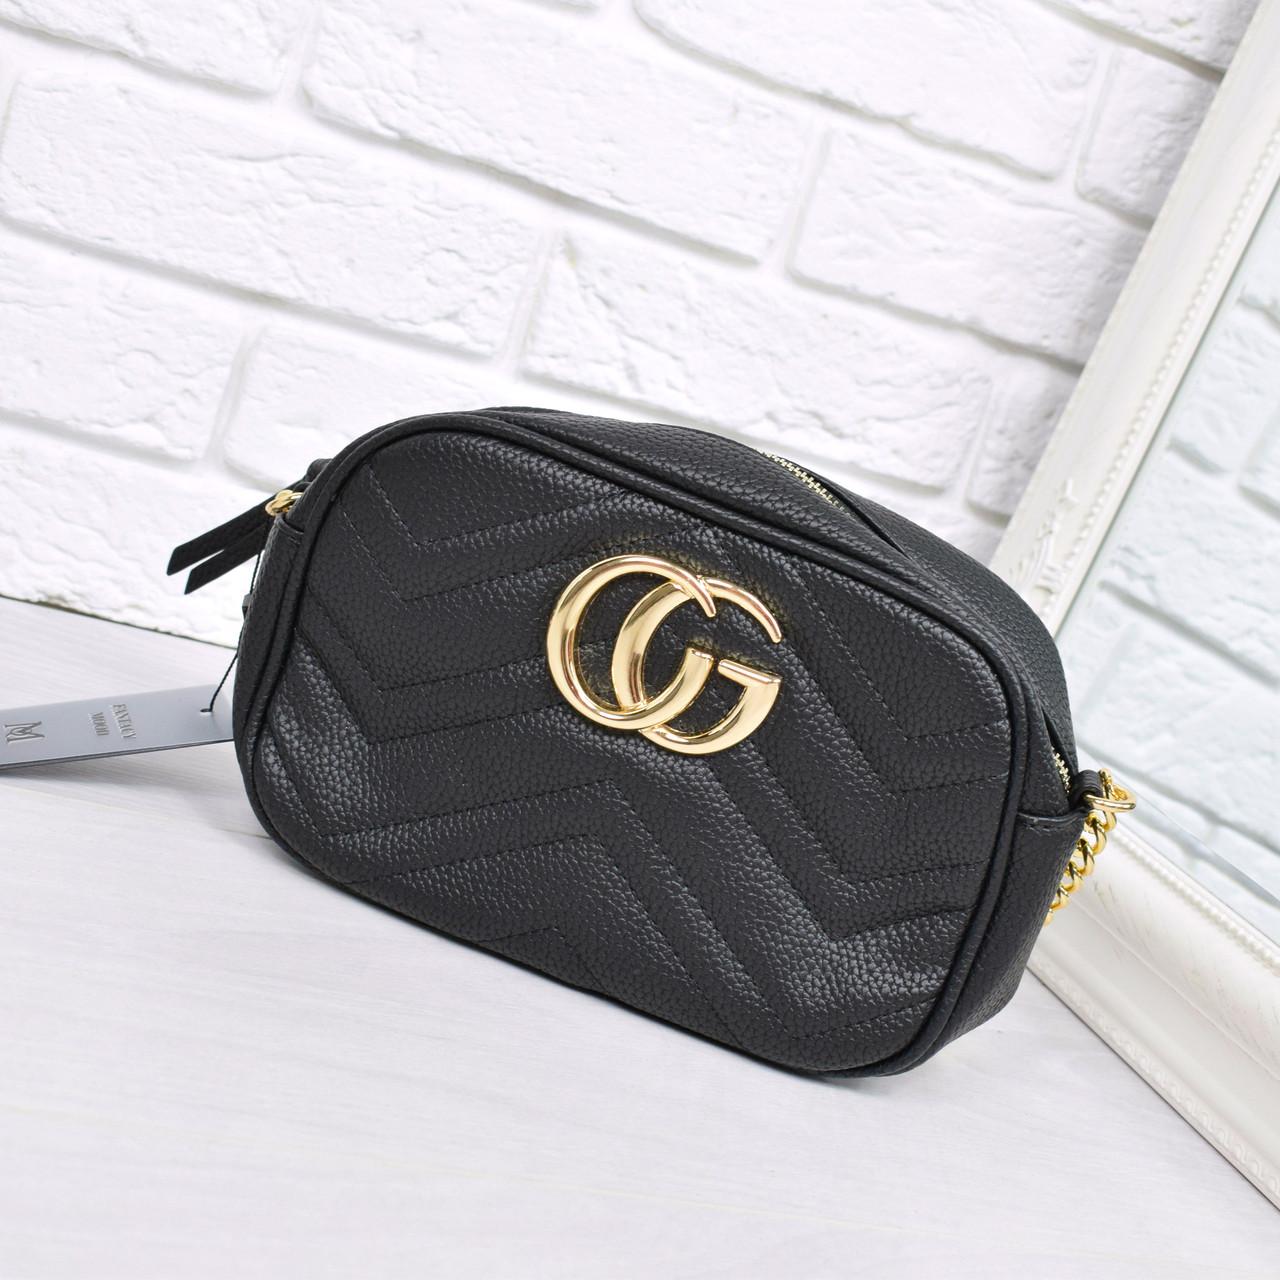 Женская сумка Gucci черная 1013, сумка через плечо  продажа, цена в ... 48691ae1e5e